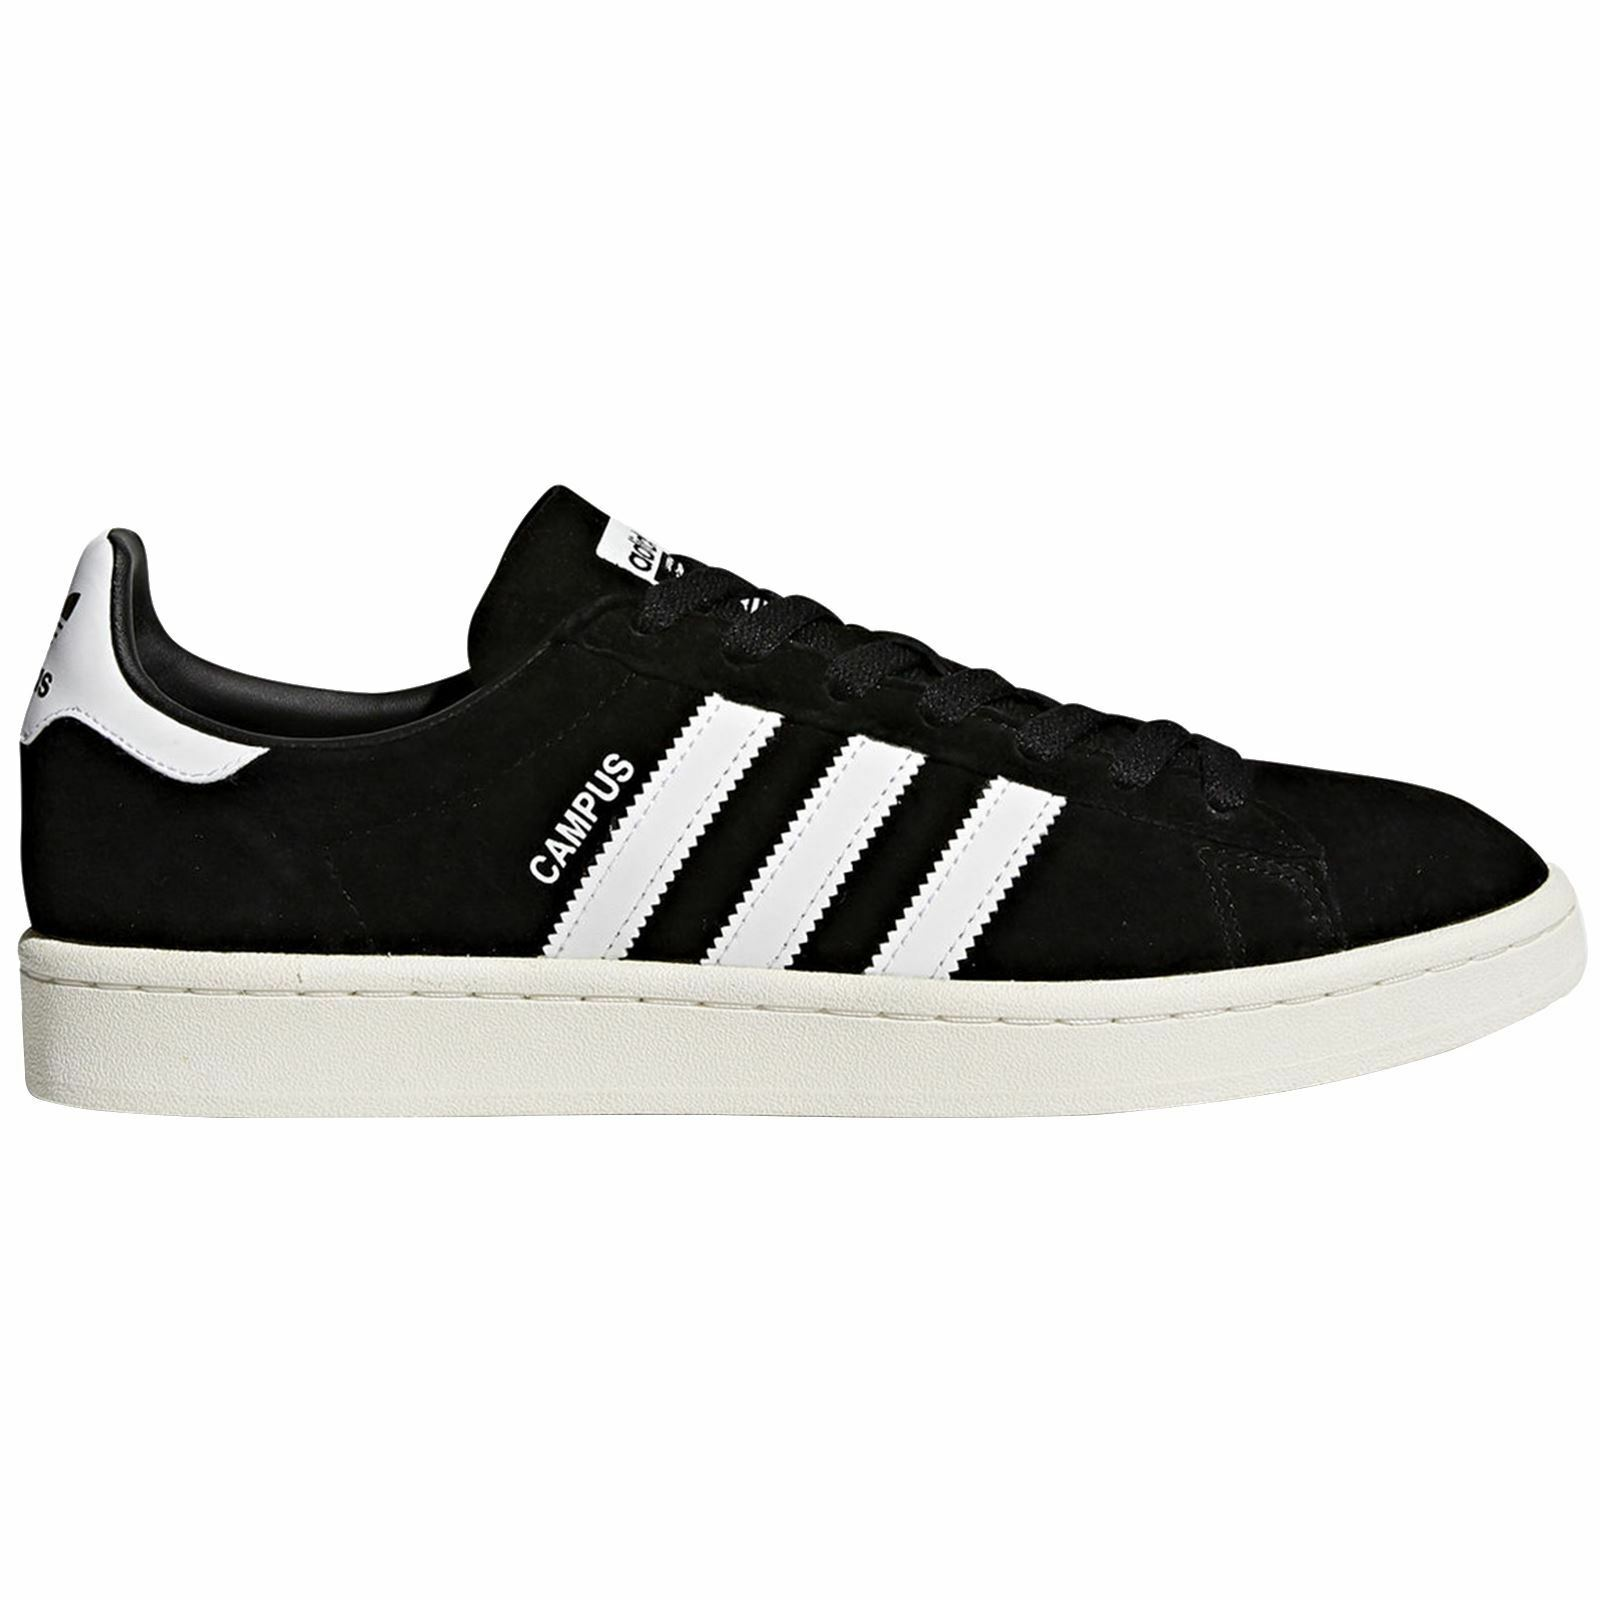 Calzado Adidas Campus Core Negro blancooo Para hombre Nubuck Zapatillas Bajo Top tenis